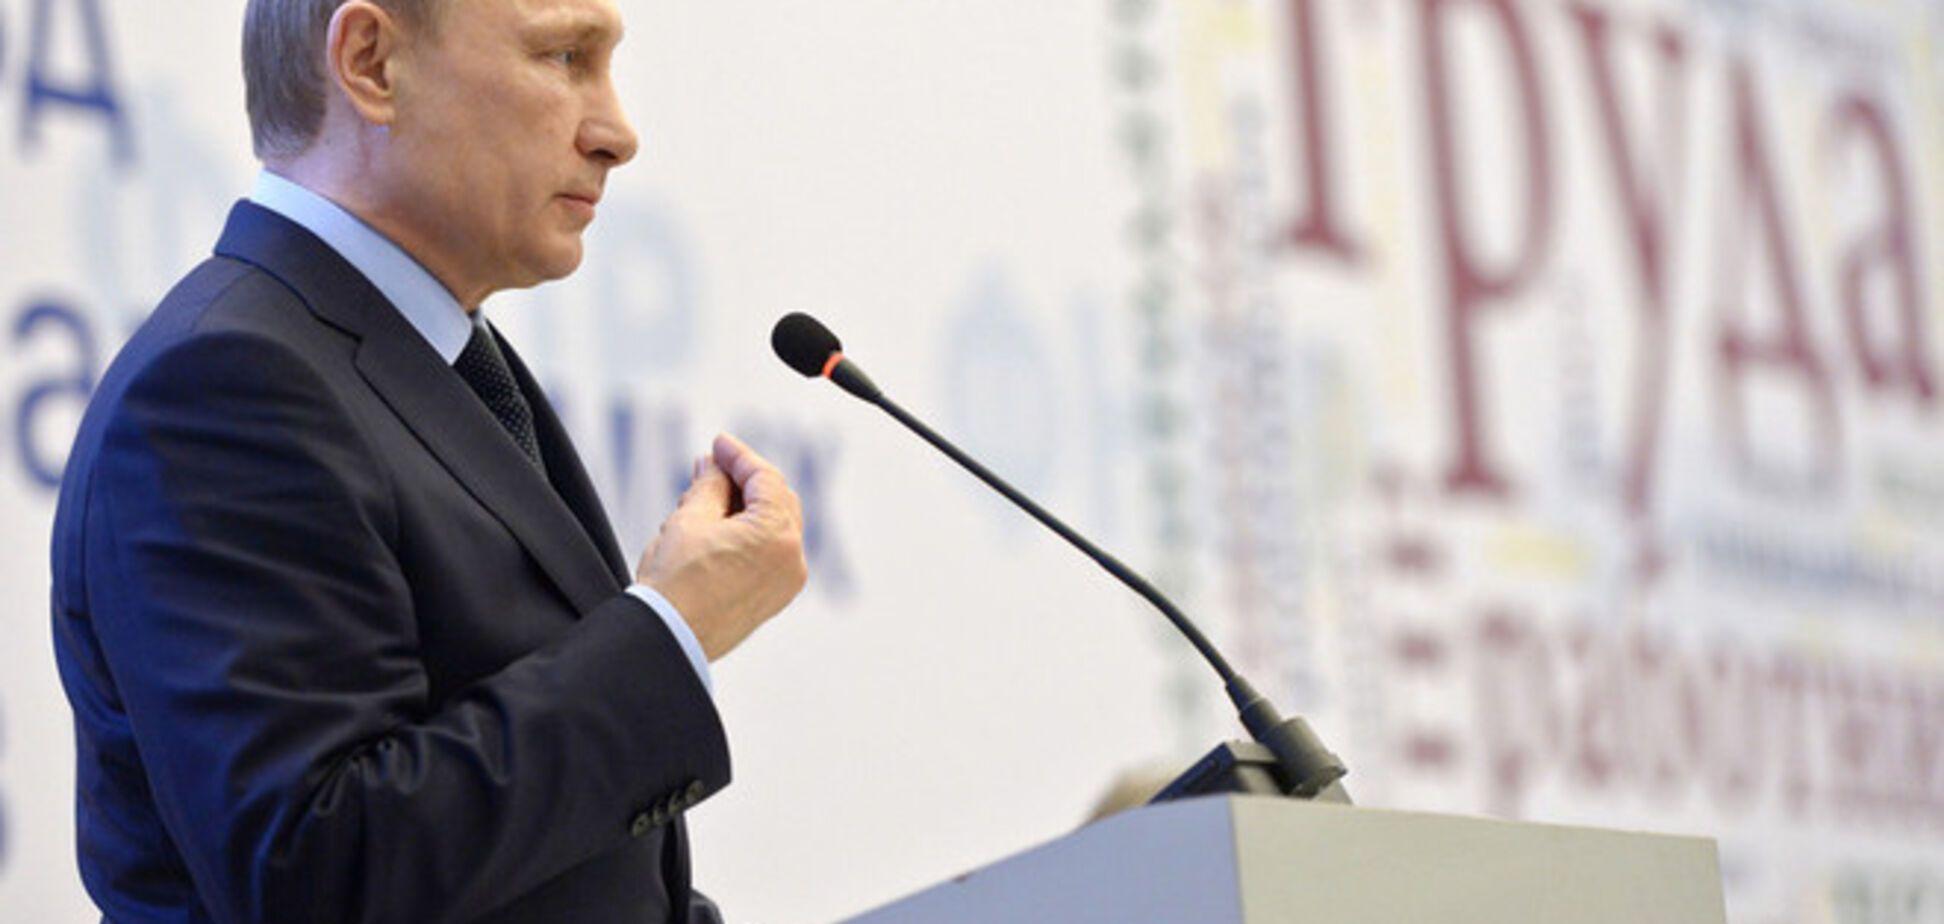 Путин назвал условие проведения переговоров с Порошенко, Олландом и Меркель 11 февраля